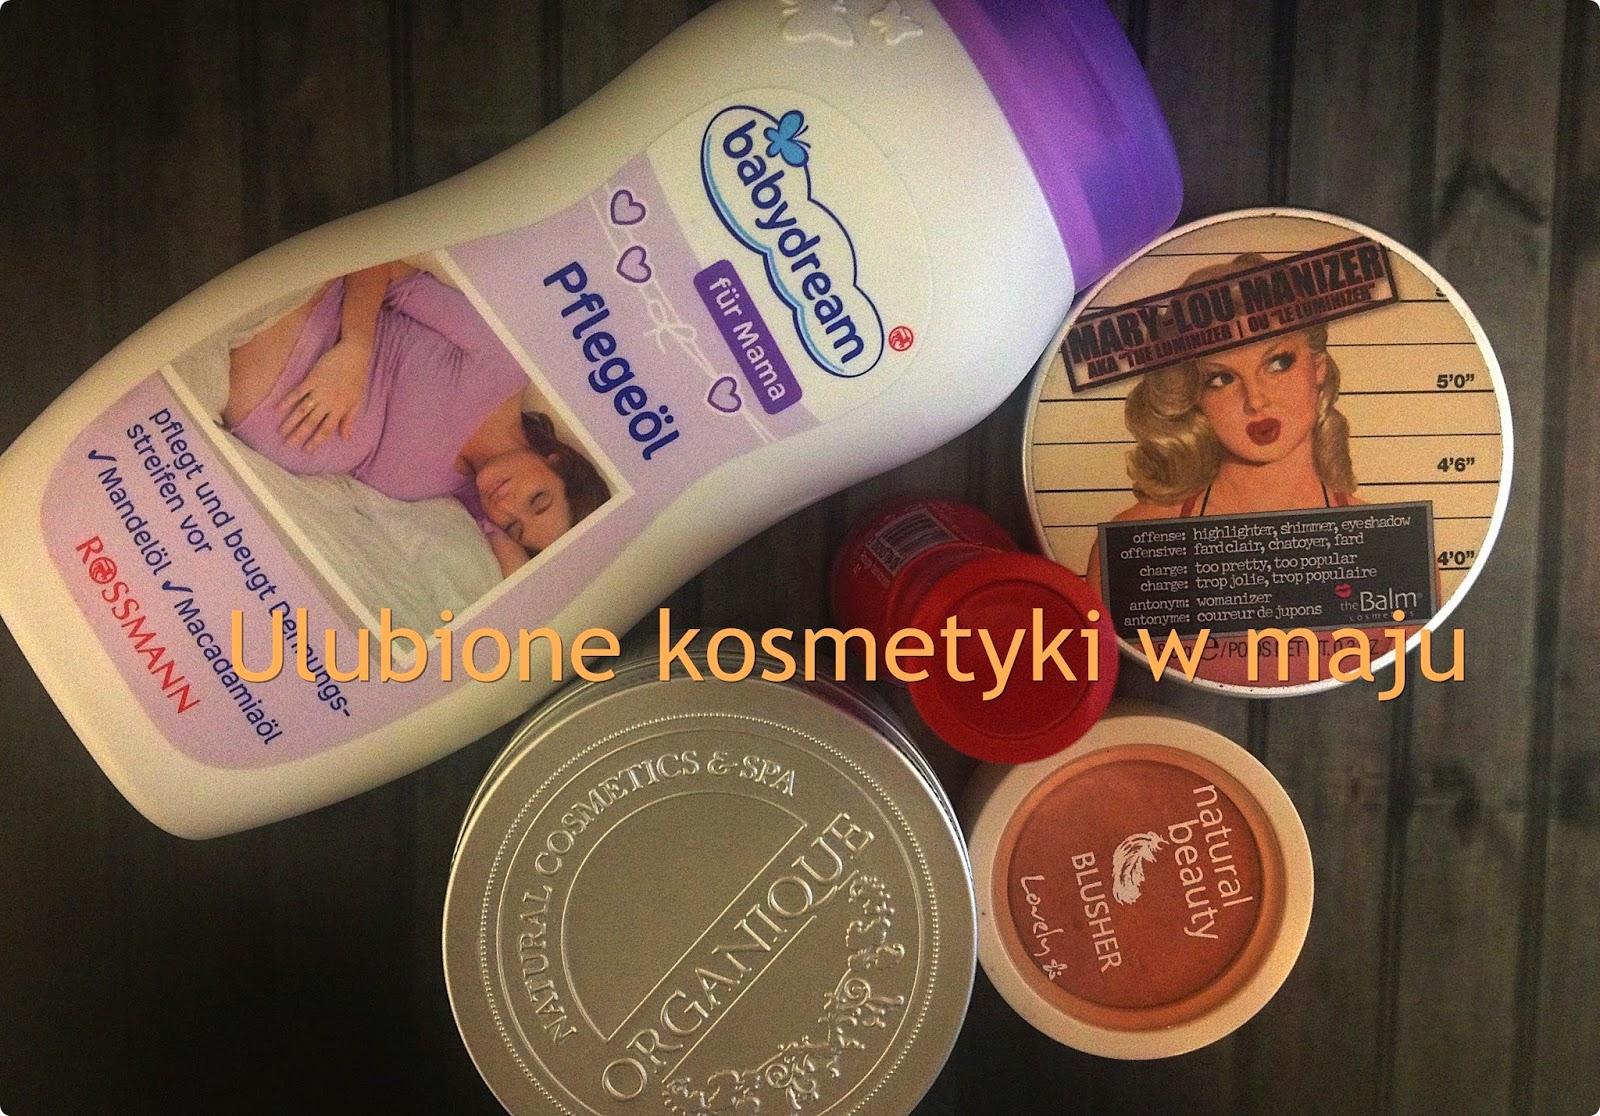 Ulubione kosmetyki w maju